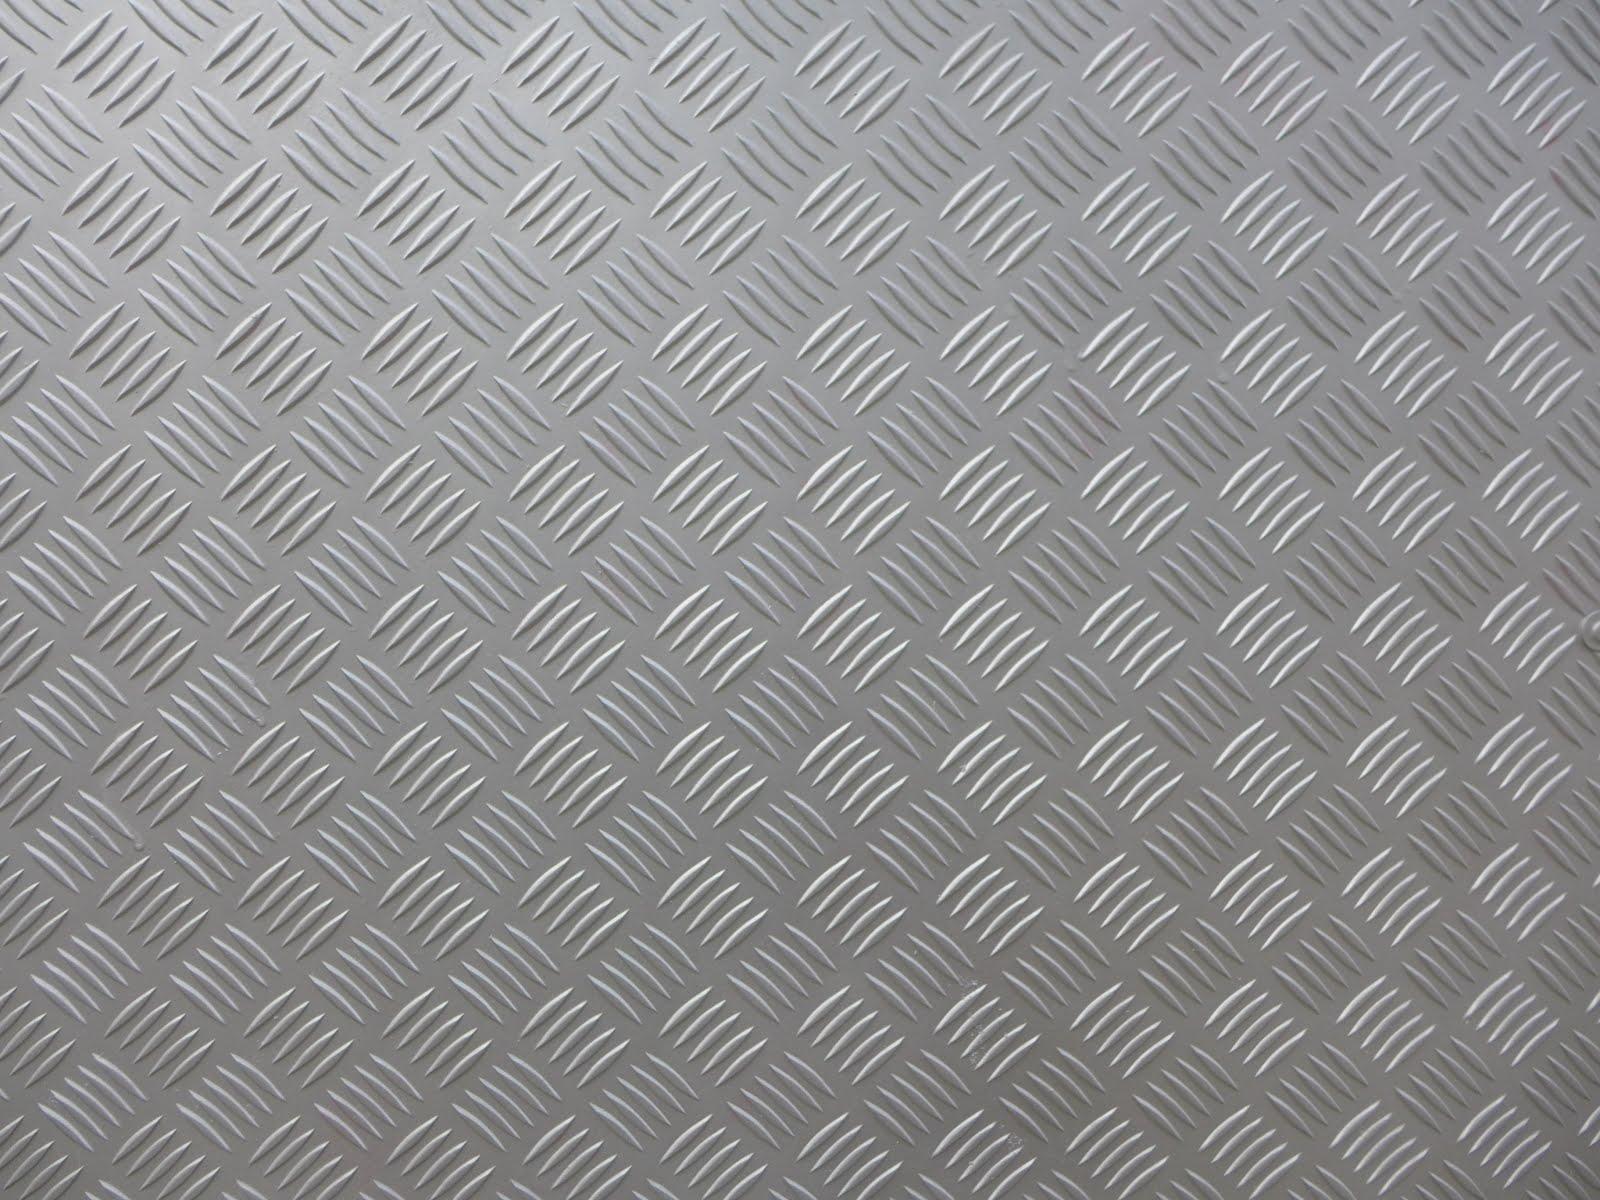 Suelo de metal con antideslizante todas las texturas - Antideslizante para suelos ...